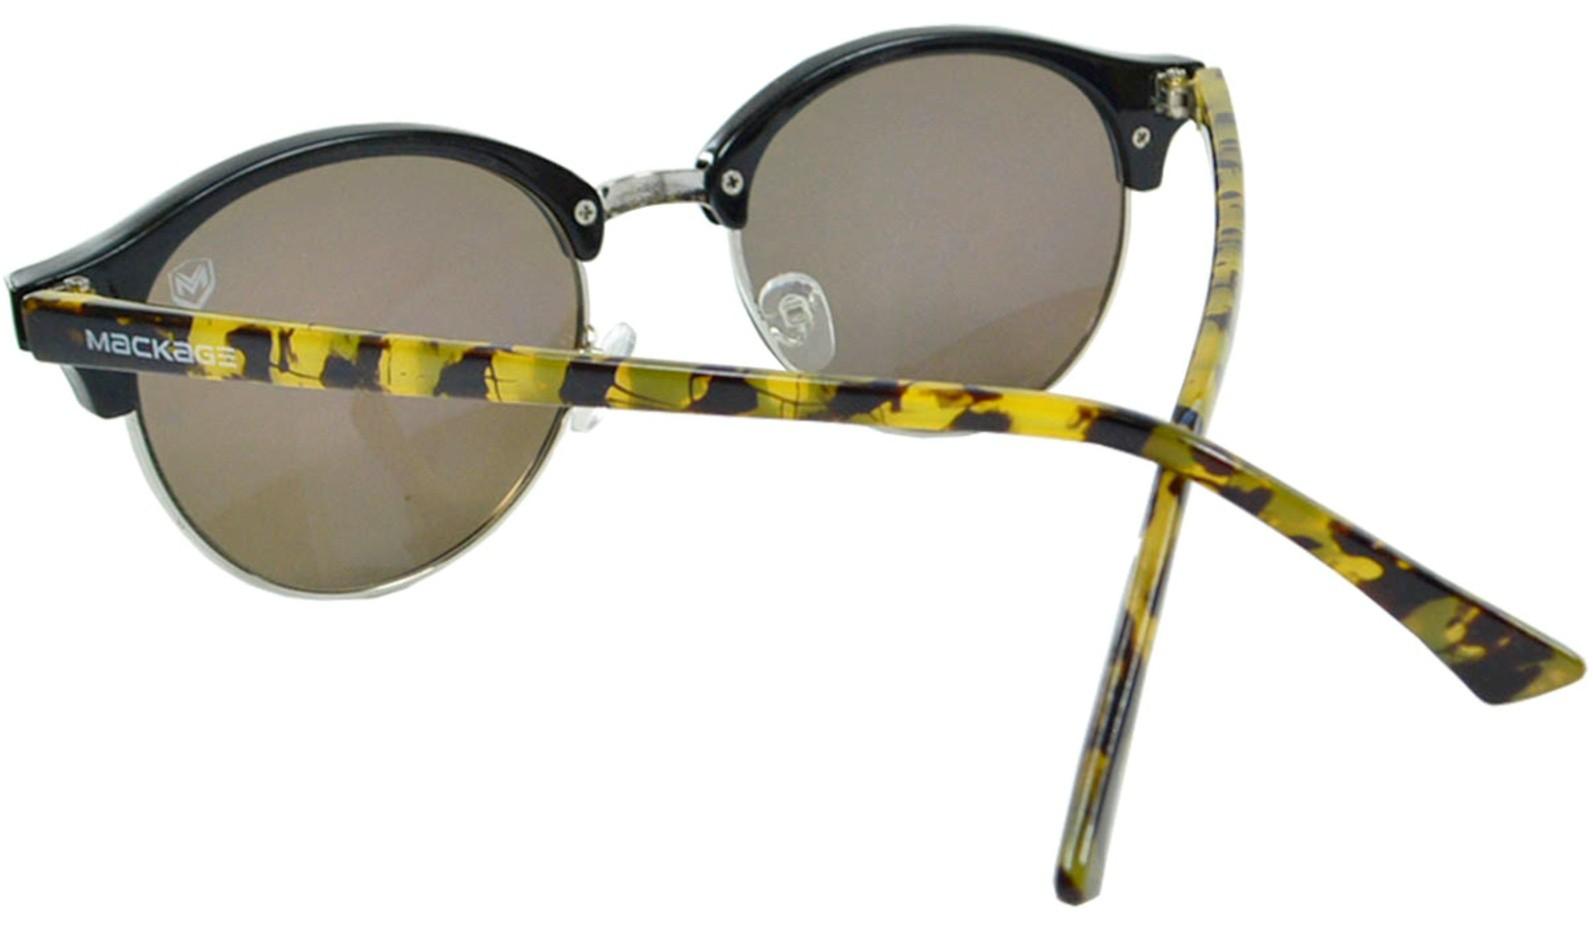 Óculos De Sol Mackage Unissex Acetato Redondo Clubmaster - Preto/Tarta